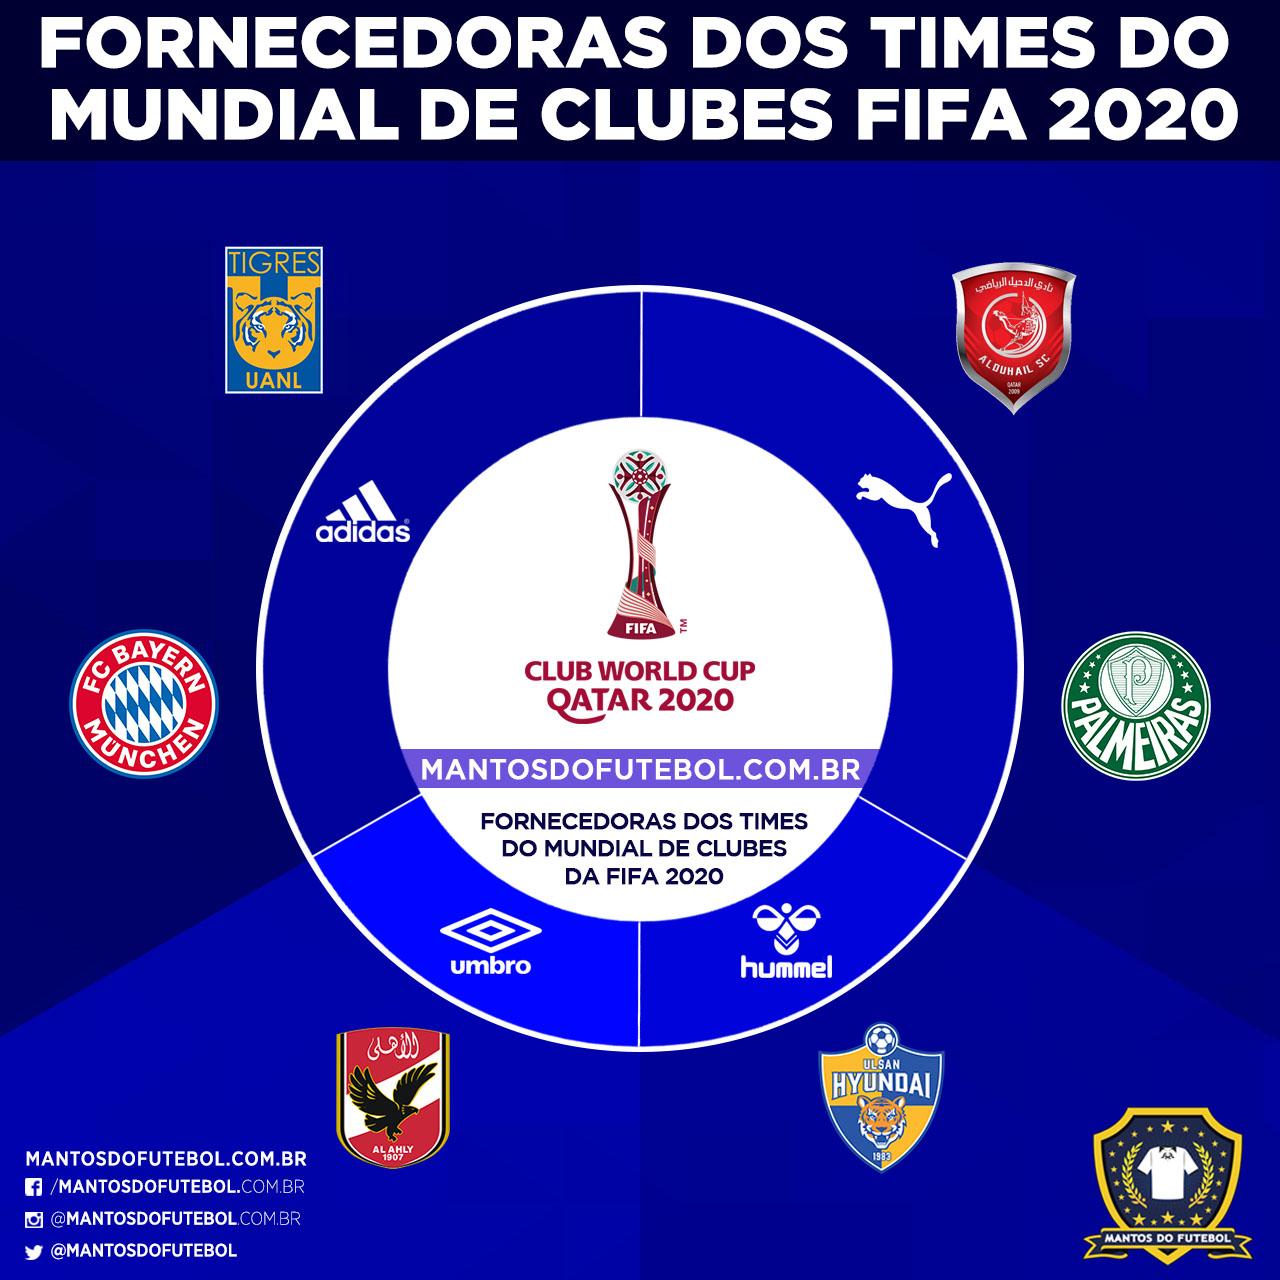 Fornecedoras dos times do Mundial de Clubes FIFA 2020